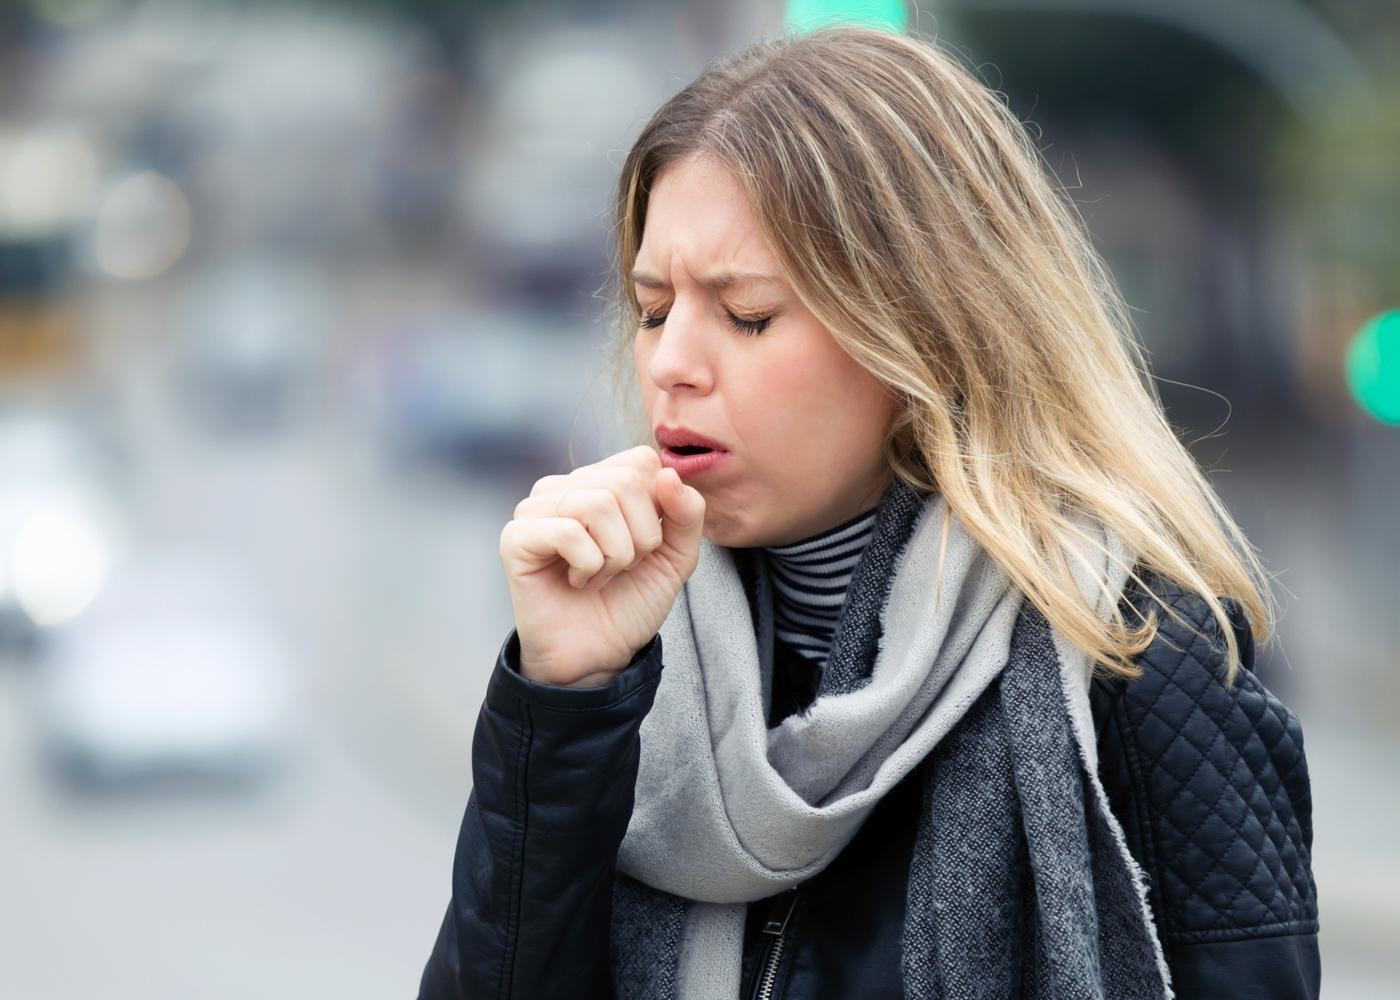 ausência de sintomas da COVID-19: mulher a tossir